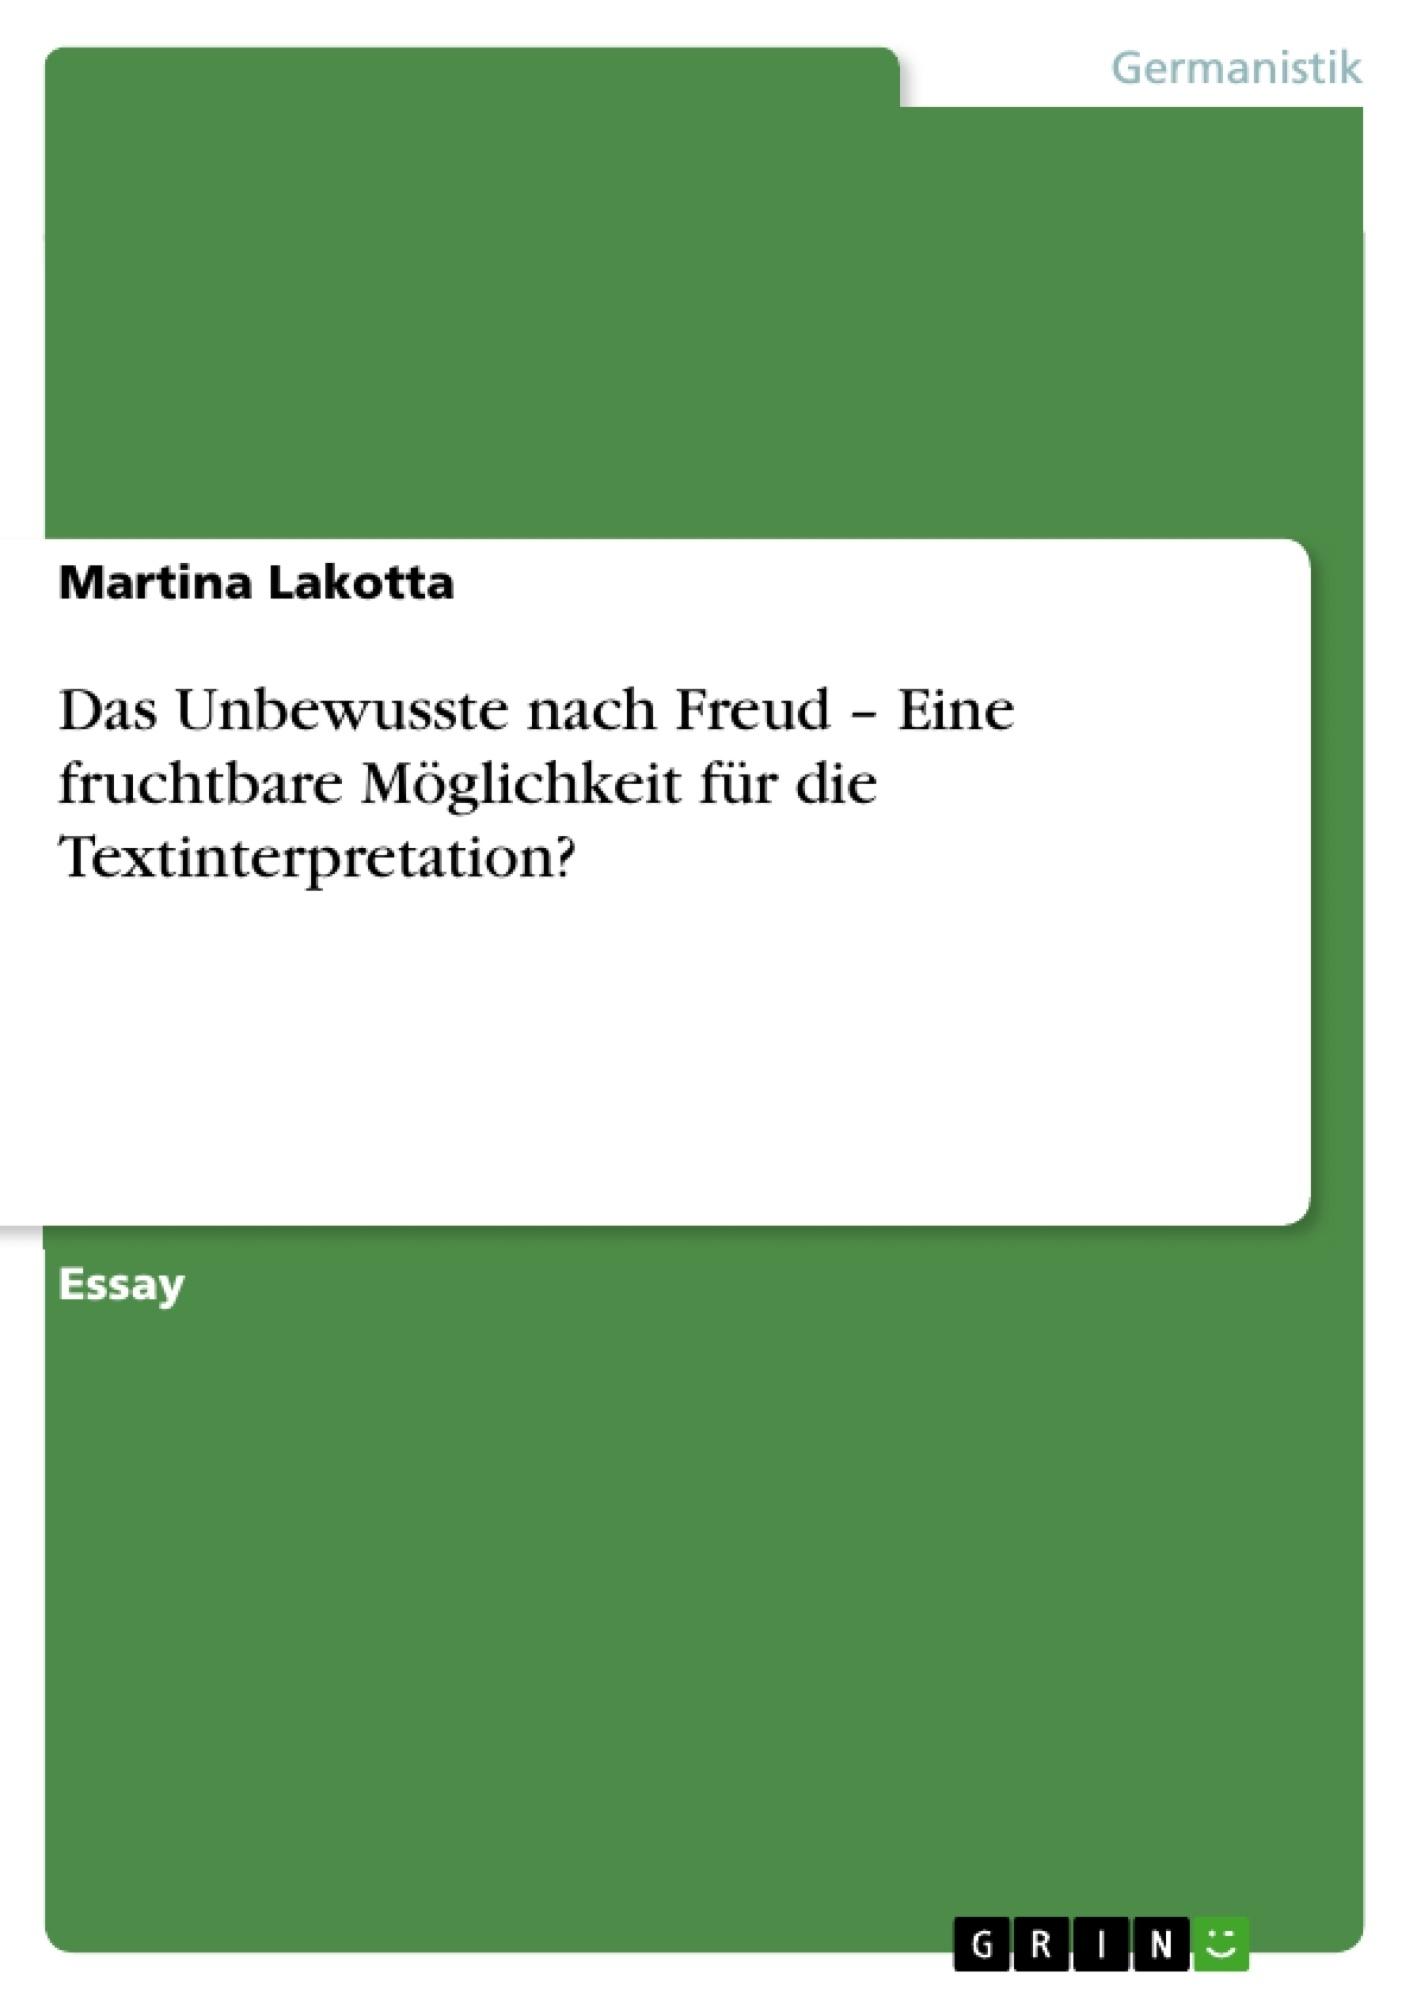 Titel: Das Unbewusste nach Freud – Eine fruchtbare Möglichkeit für die Textinterpretation?